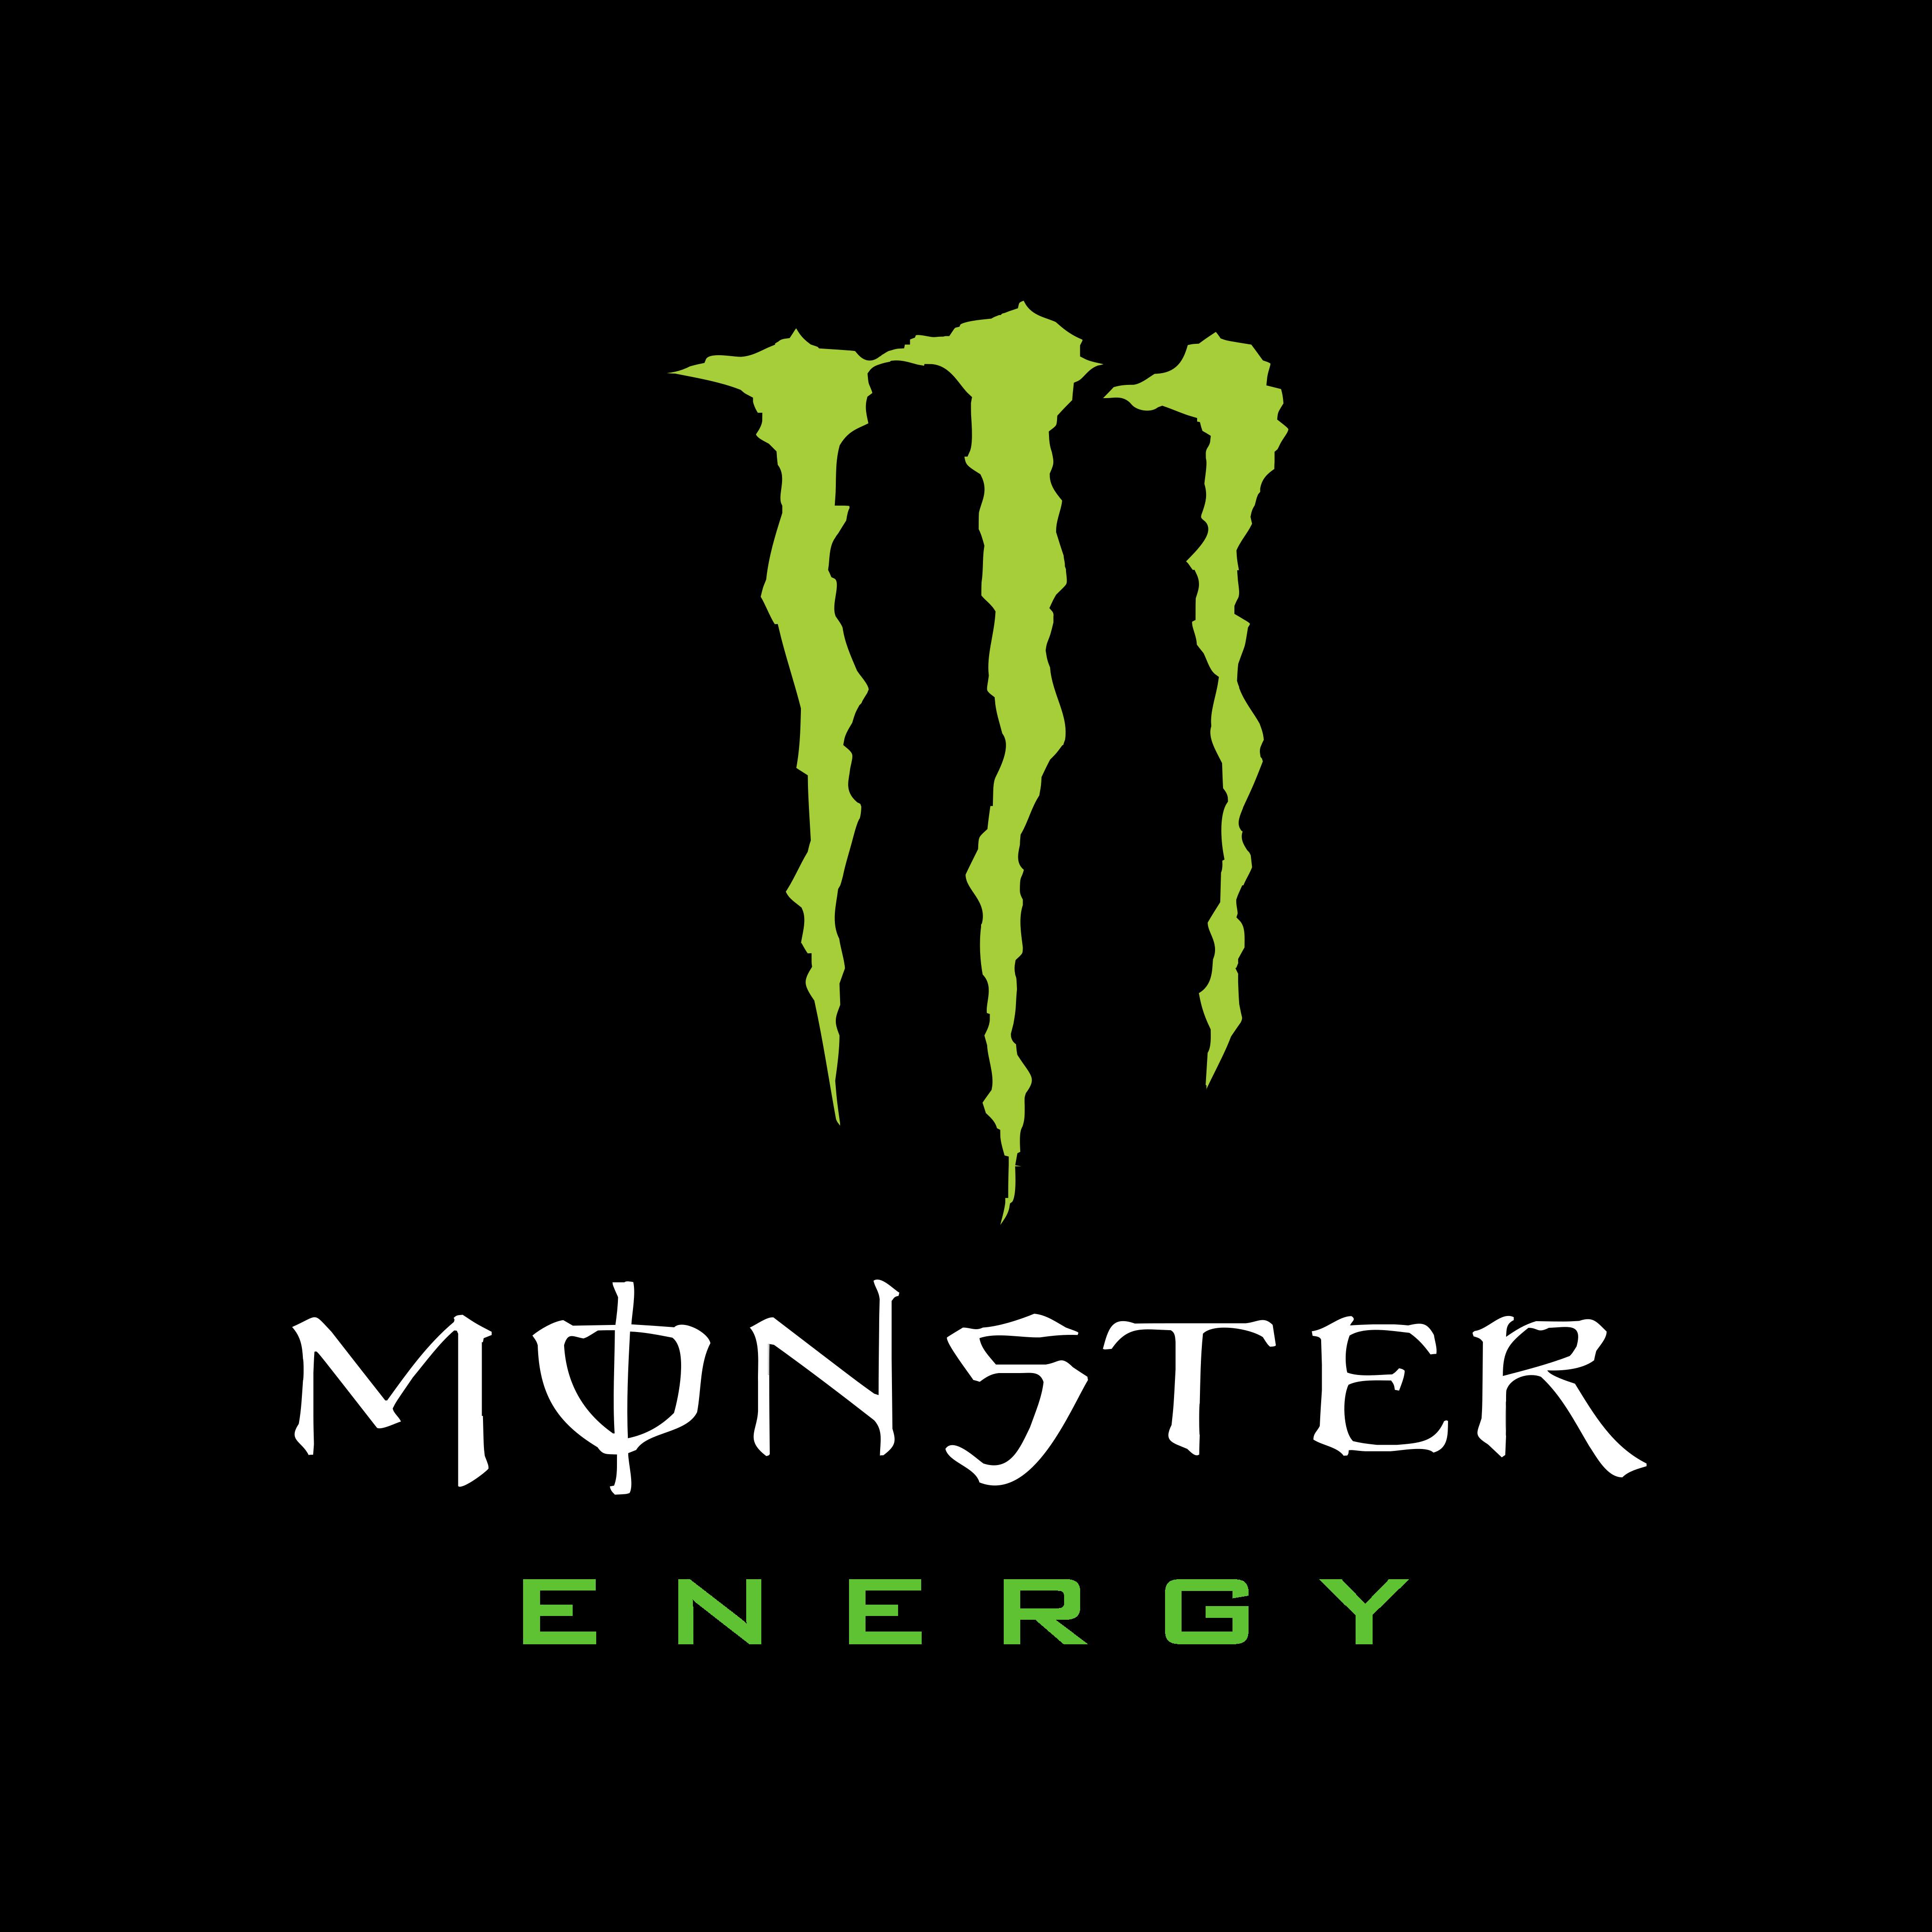 monster energy logo 0 - Monster Energy Logo